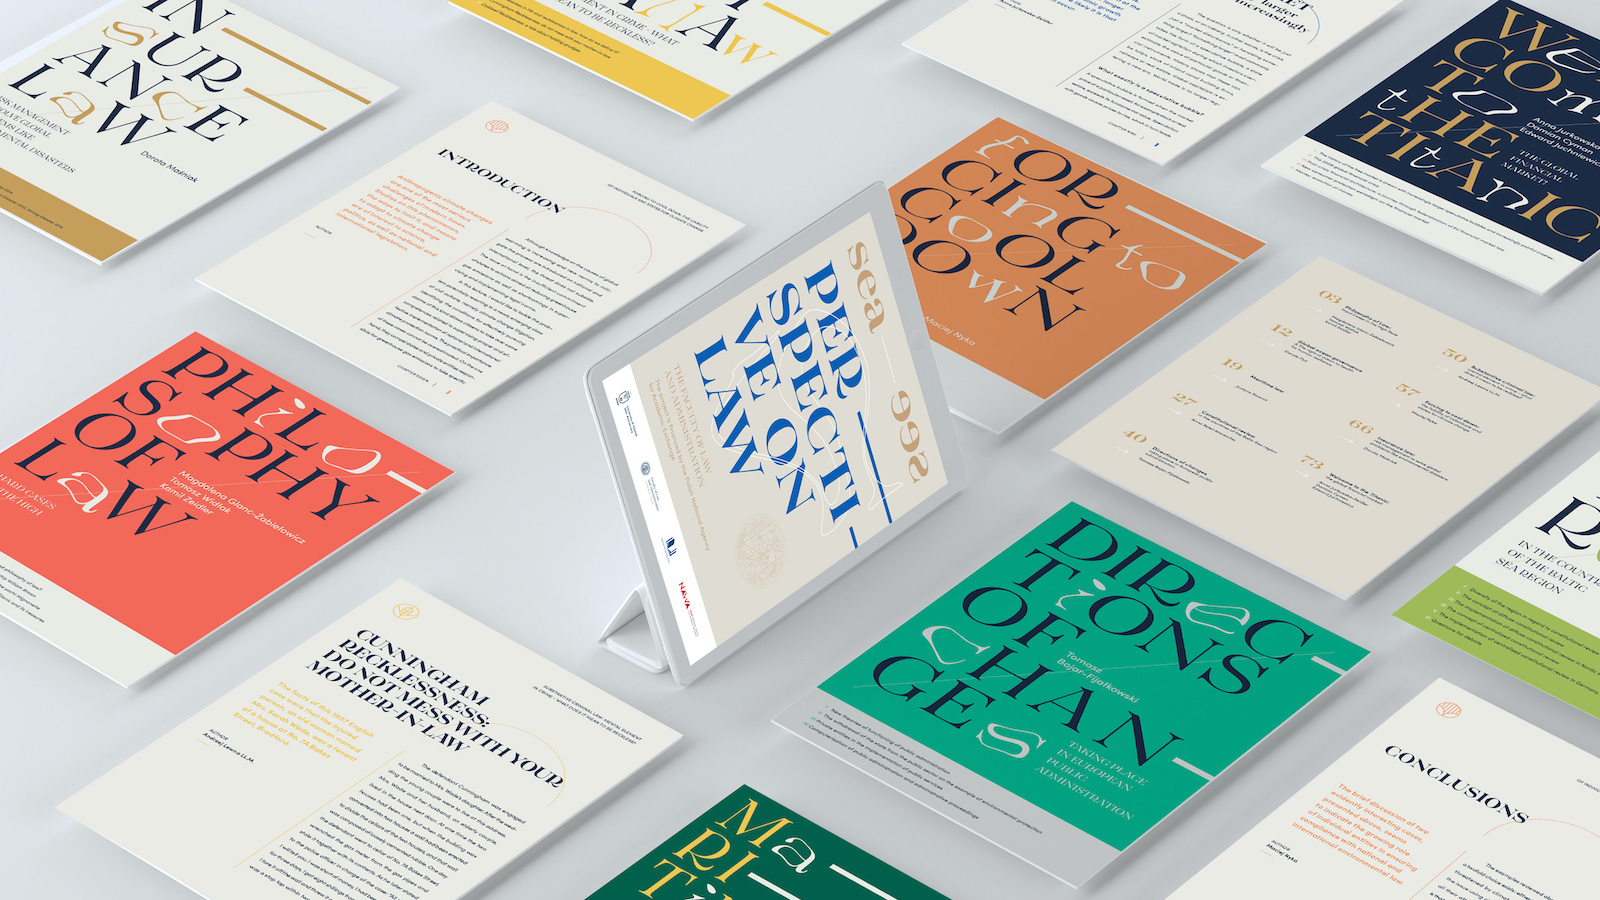 projekt graficzny uniwersytet gdański skład typografia